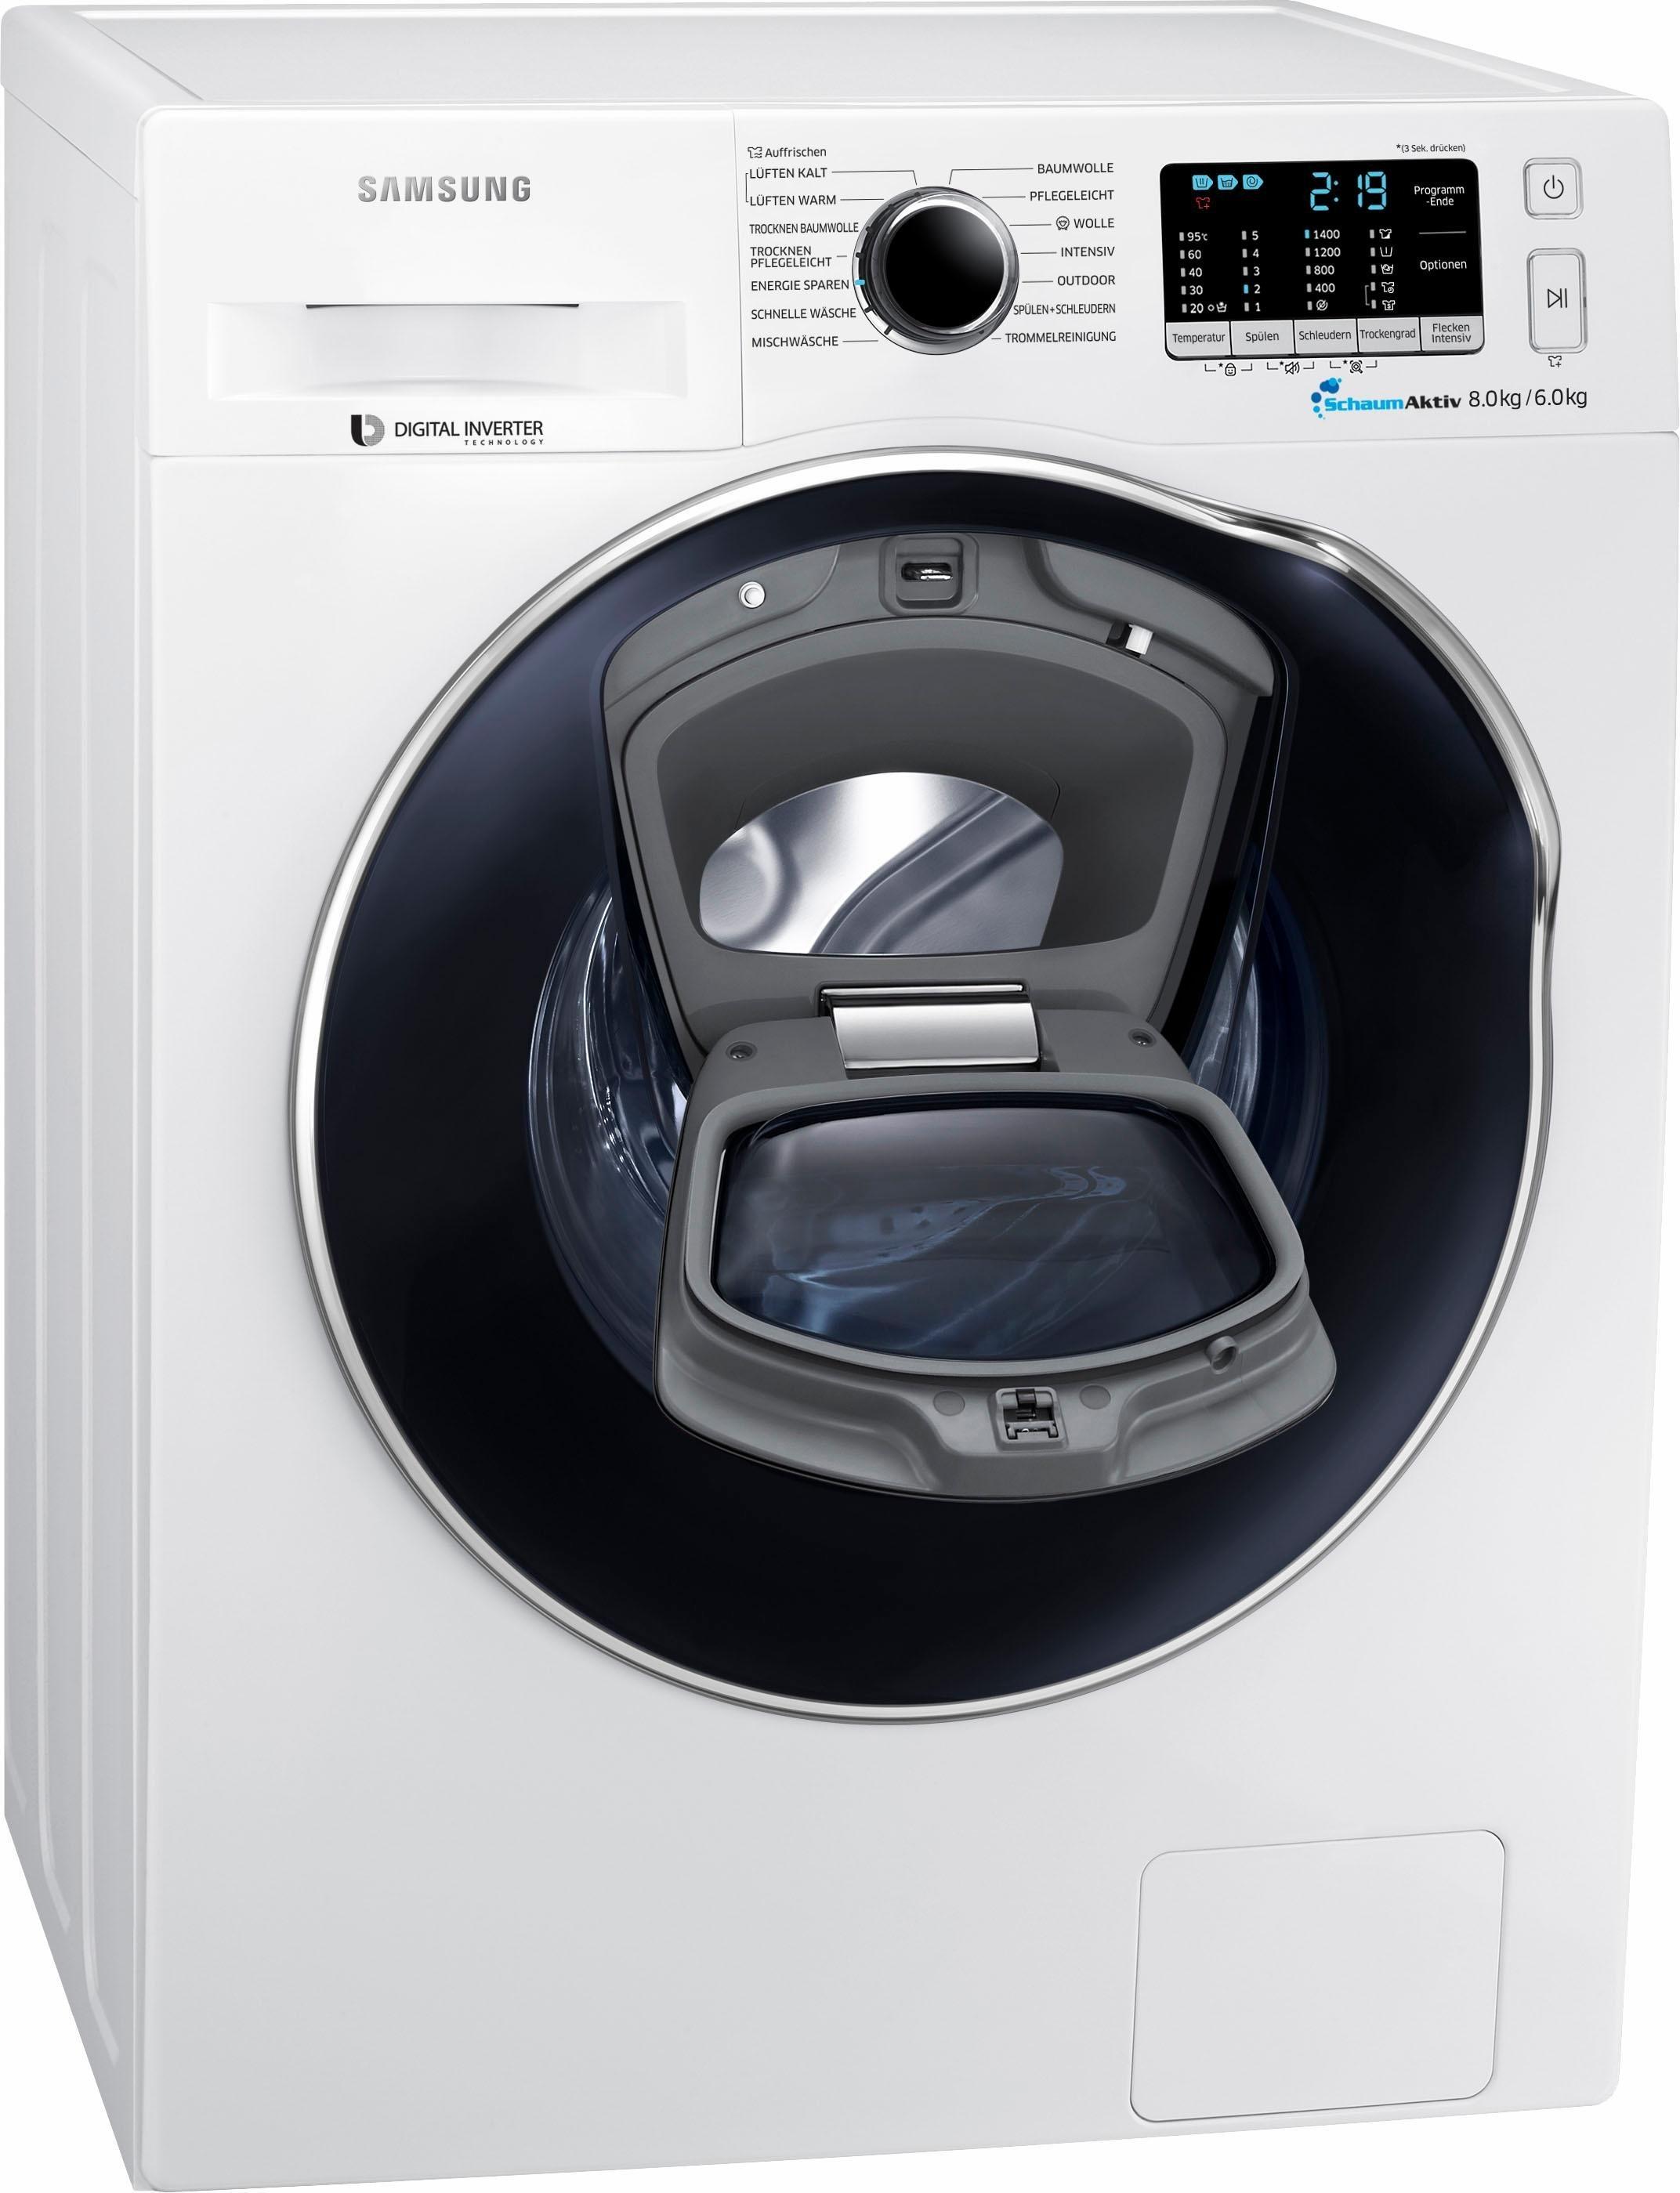 Samsung wd80k5400ow eg Waschtrockner im Test 2018